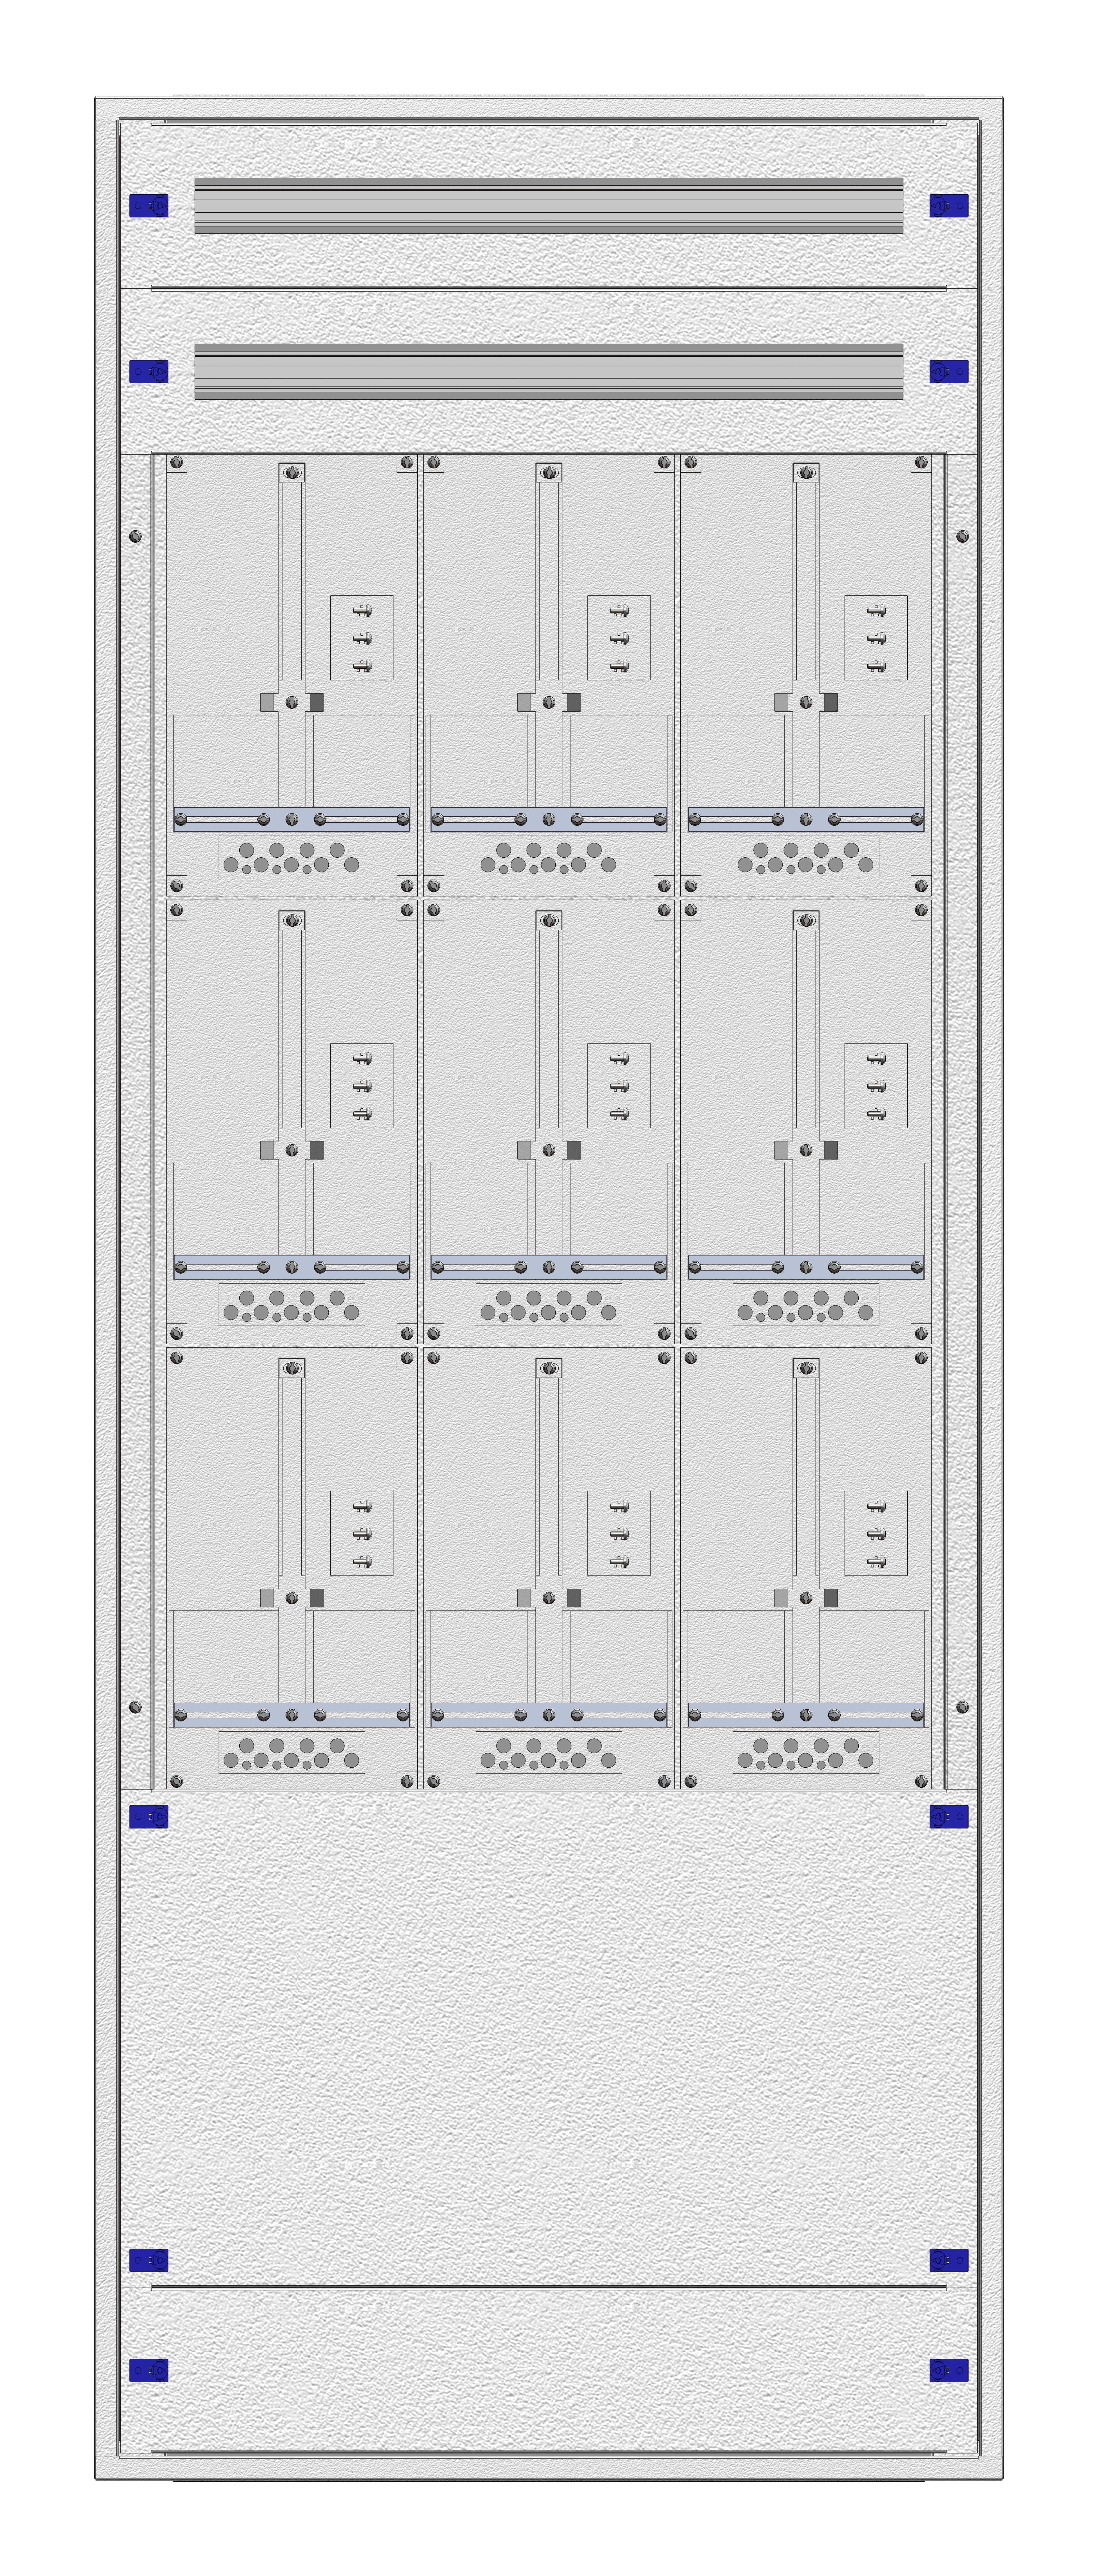 1 Stk Masken-Zählerverteiler 3M-42M/WIEN 9ZP, H1995B760T200mm IL122342WS